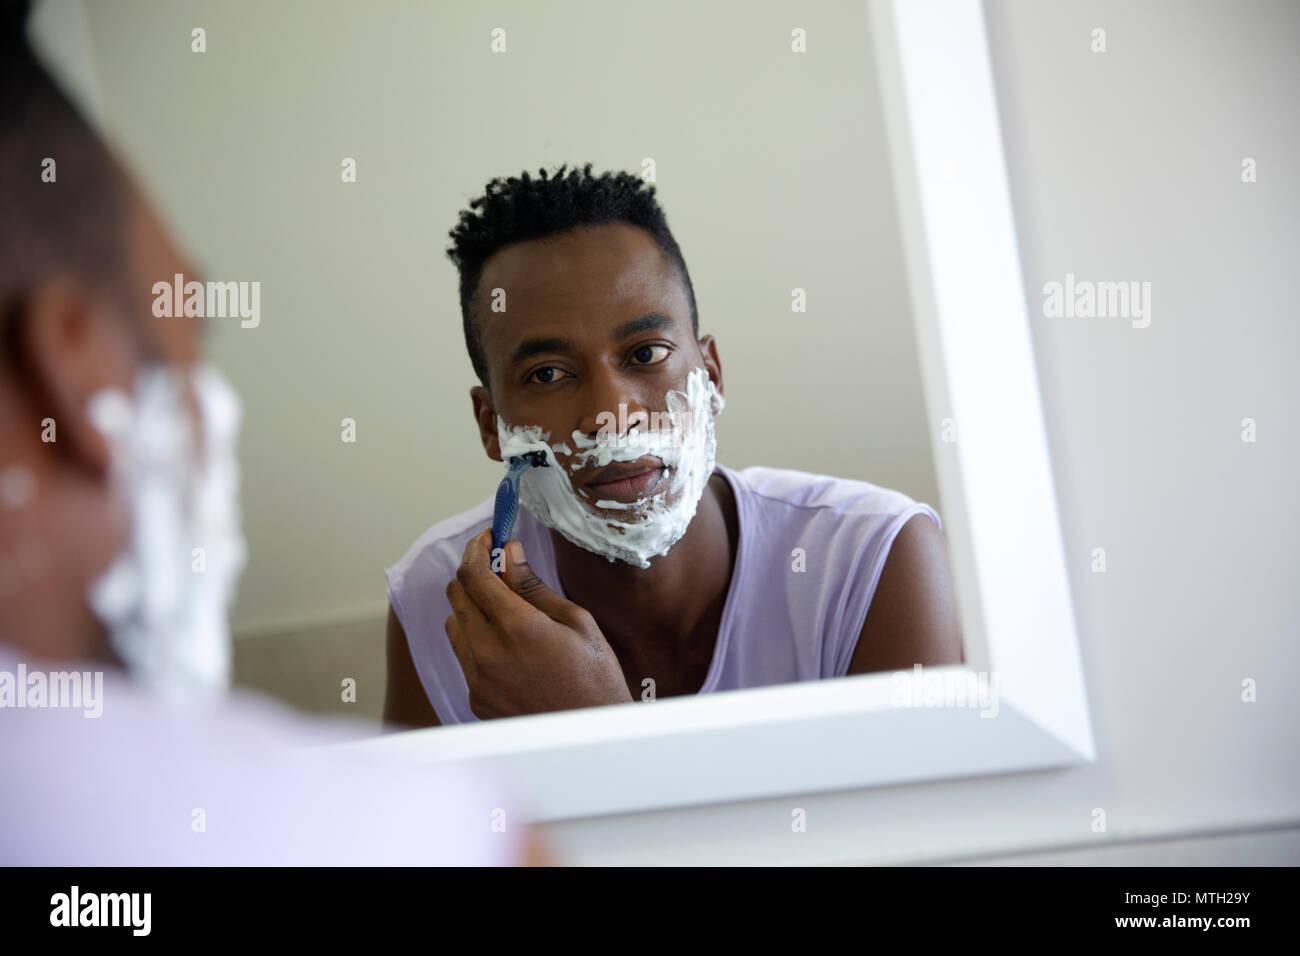 L'uomo la rasatura sotto lo specchio Immagini Stock